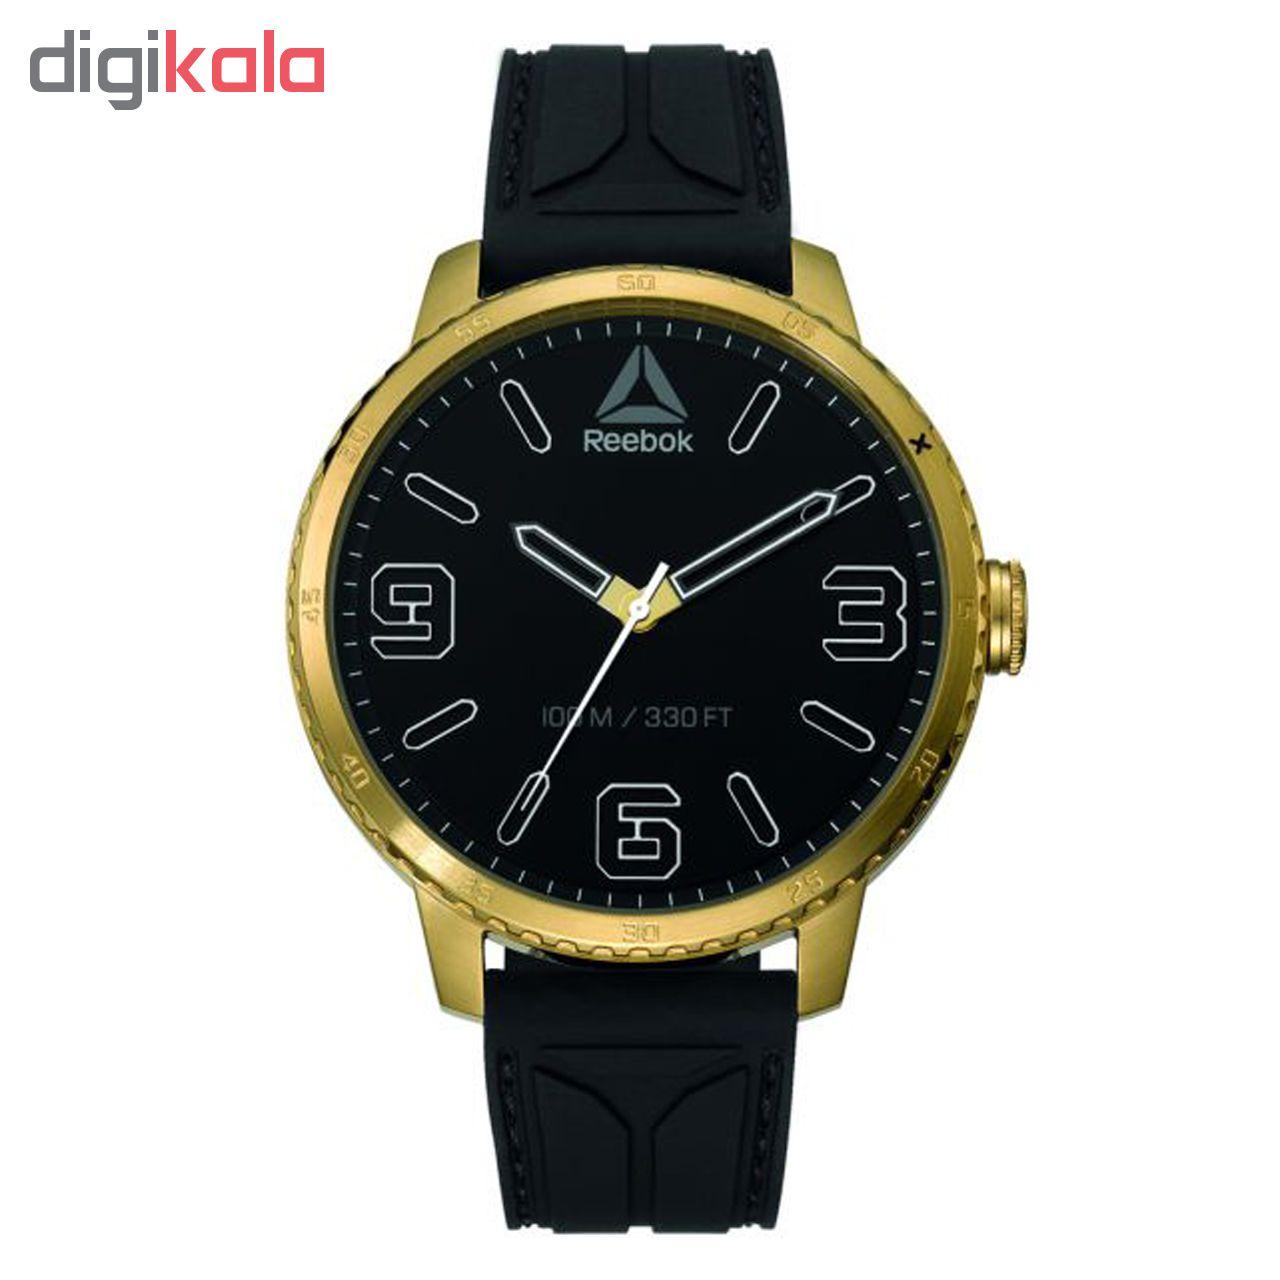 خرید ساعت مچی عقربه ای مردانه ریباک مدل RD-STE-G2-S2IB-BW